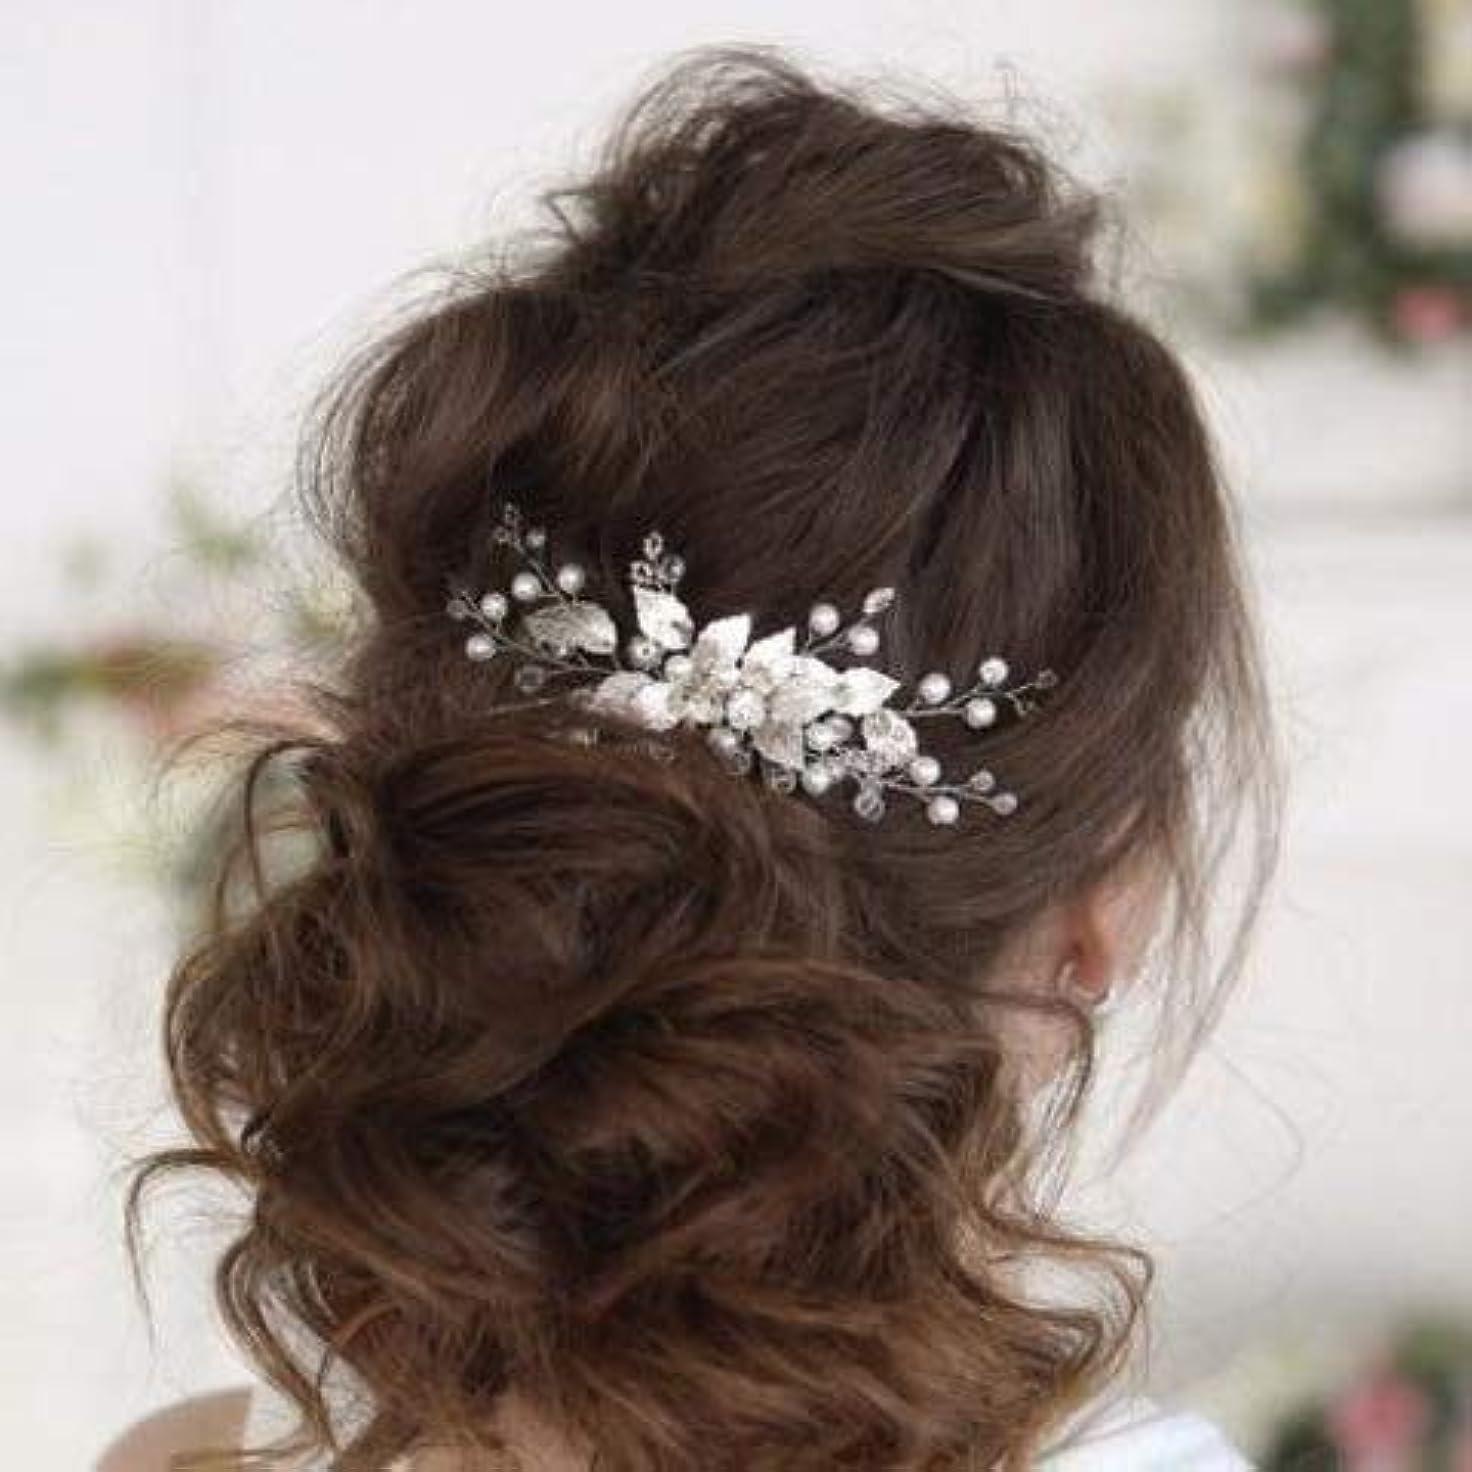 取り出す従うイルKercisbeauty Boho Wedding Bridal Hair Comb Clips Decorative Headband with Crystal Leaf Rhinestones for Brides...